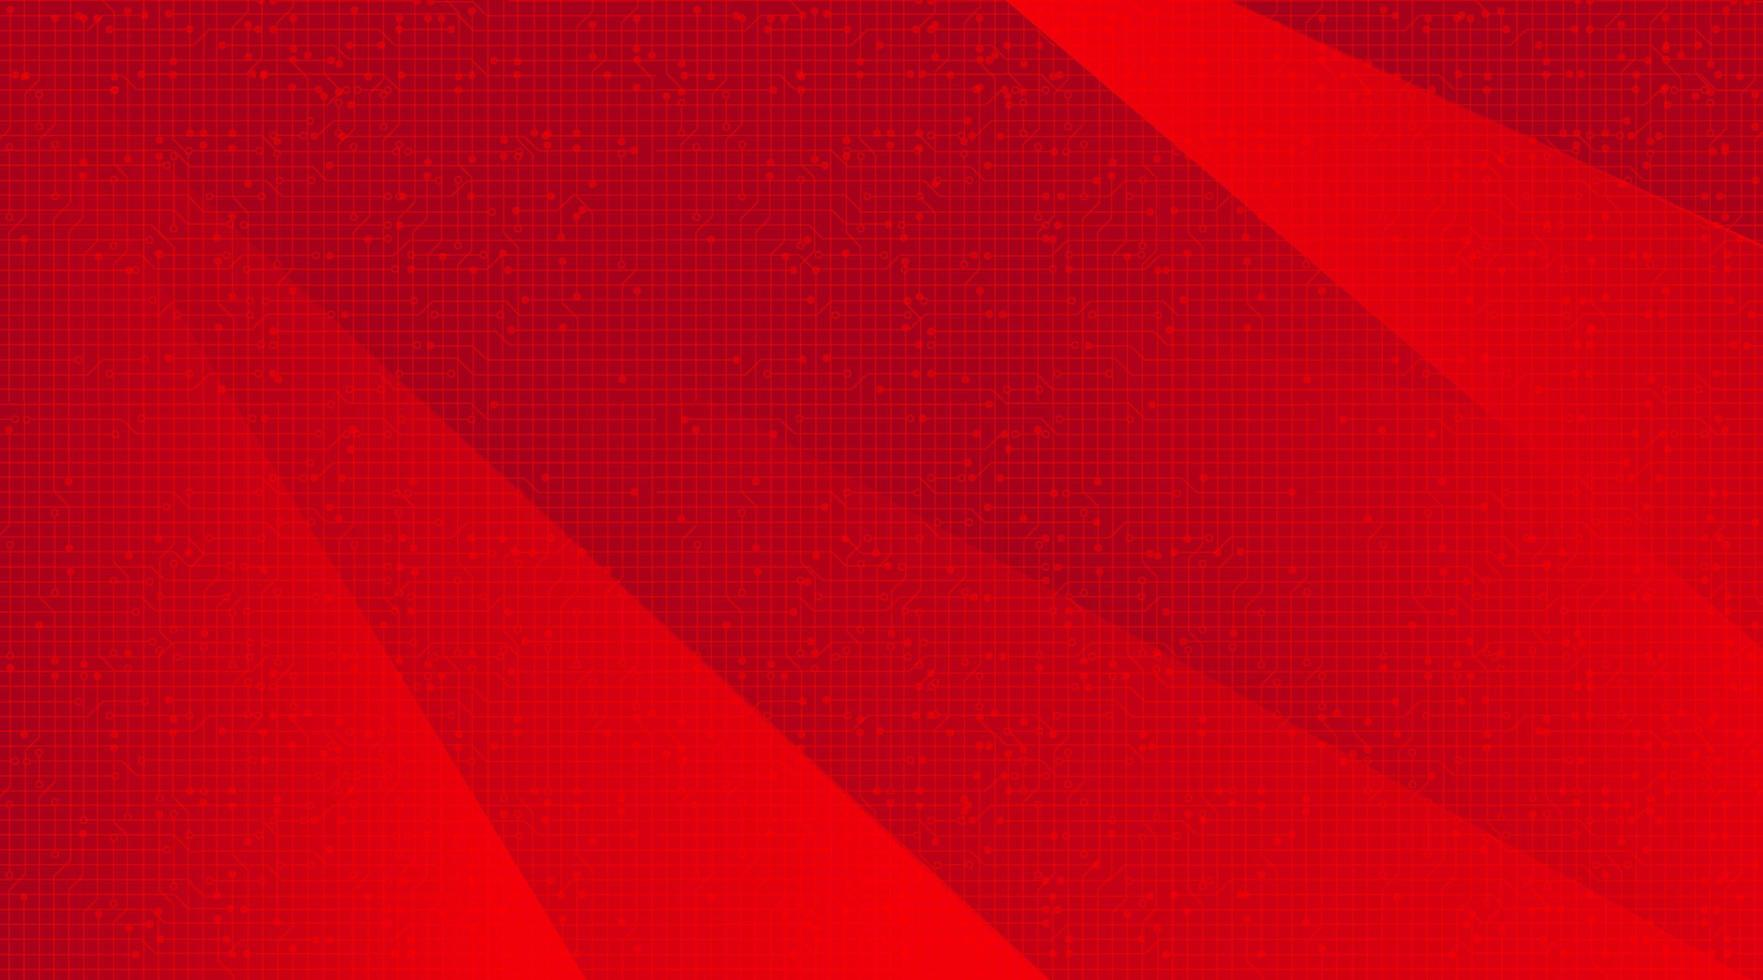 moderna tecnologia rossa sfondo, digitale e concept design di connessione, illustrazione vettoriale. vettore